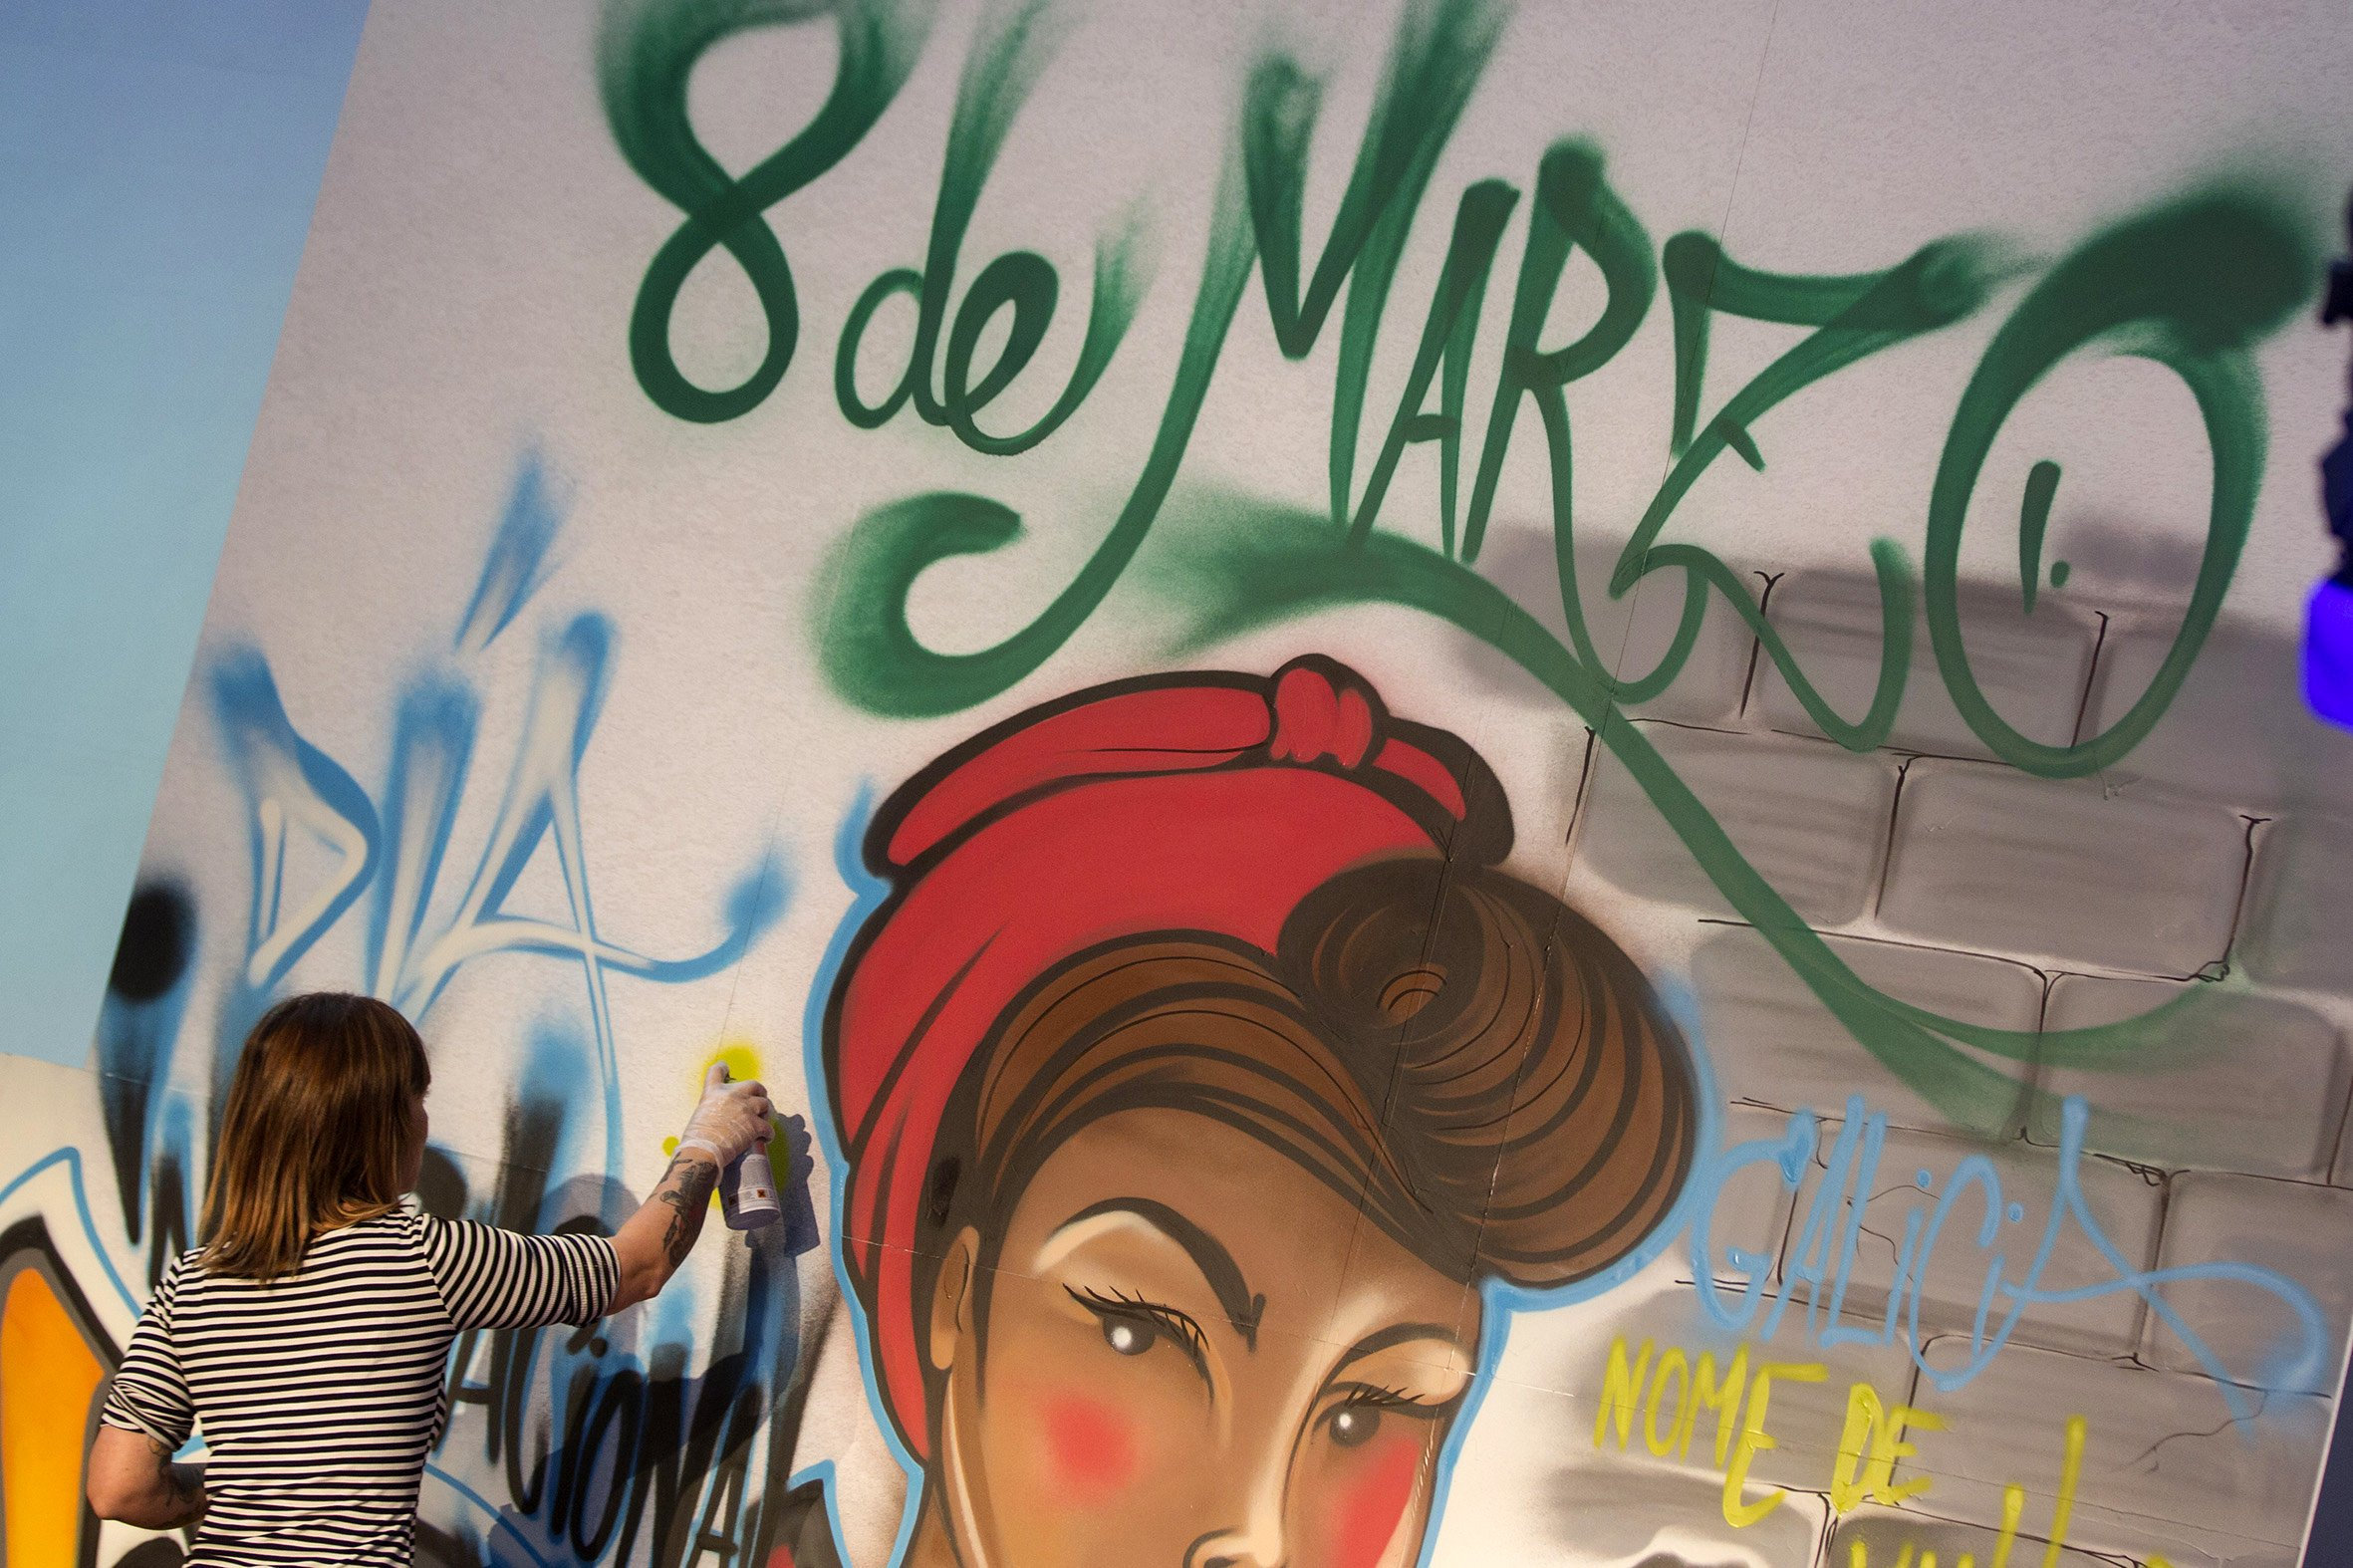 GRA241. SANTIAGO DE COMPOSTELA, 08/03/2016.- Una de las participantes en el acto institucional con motivo del Día Internacional de la Mujer, bajo el lema 'Con mulleres hay Galicia, hay ilusión, hay tenacidad, hay ideas, hay capacidad, hay identidad, hay pasión', firma en el graffiti del cartel commemorativo del acto. EFE/Óscar Corral